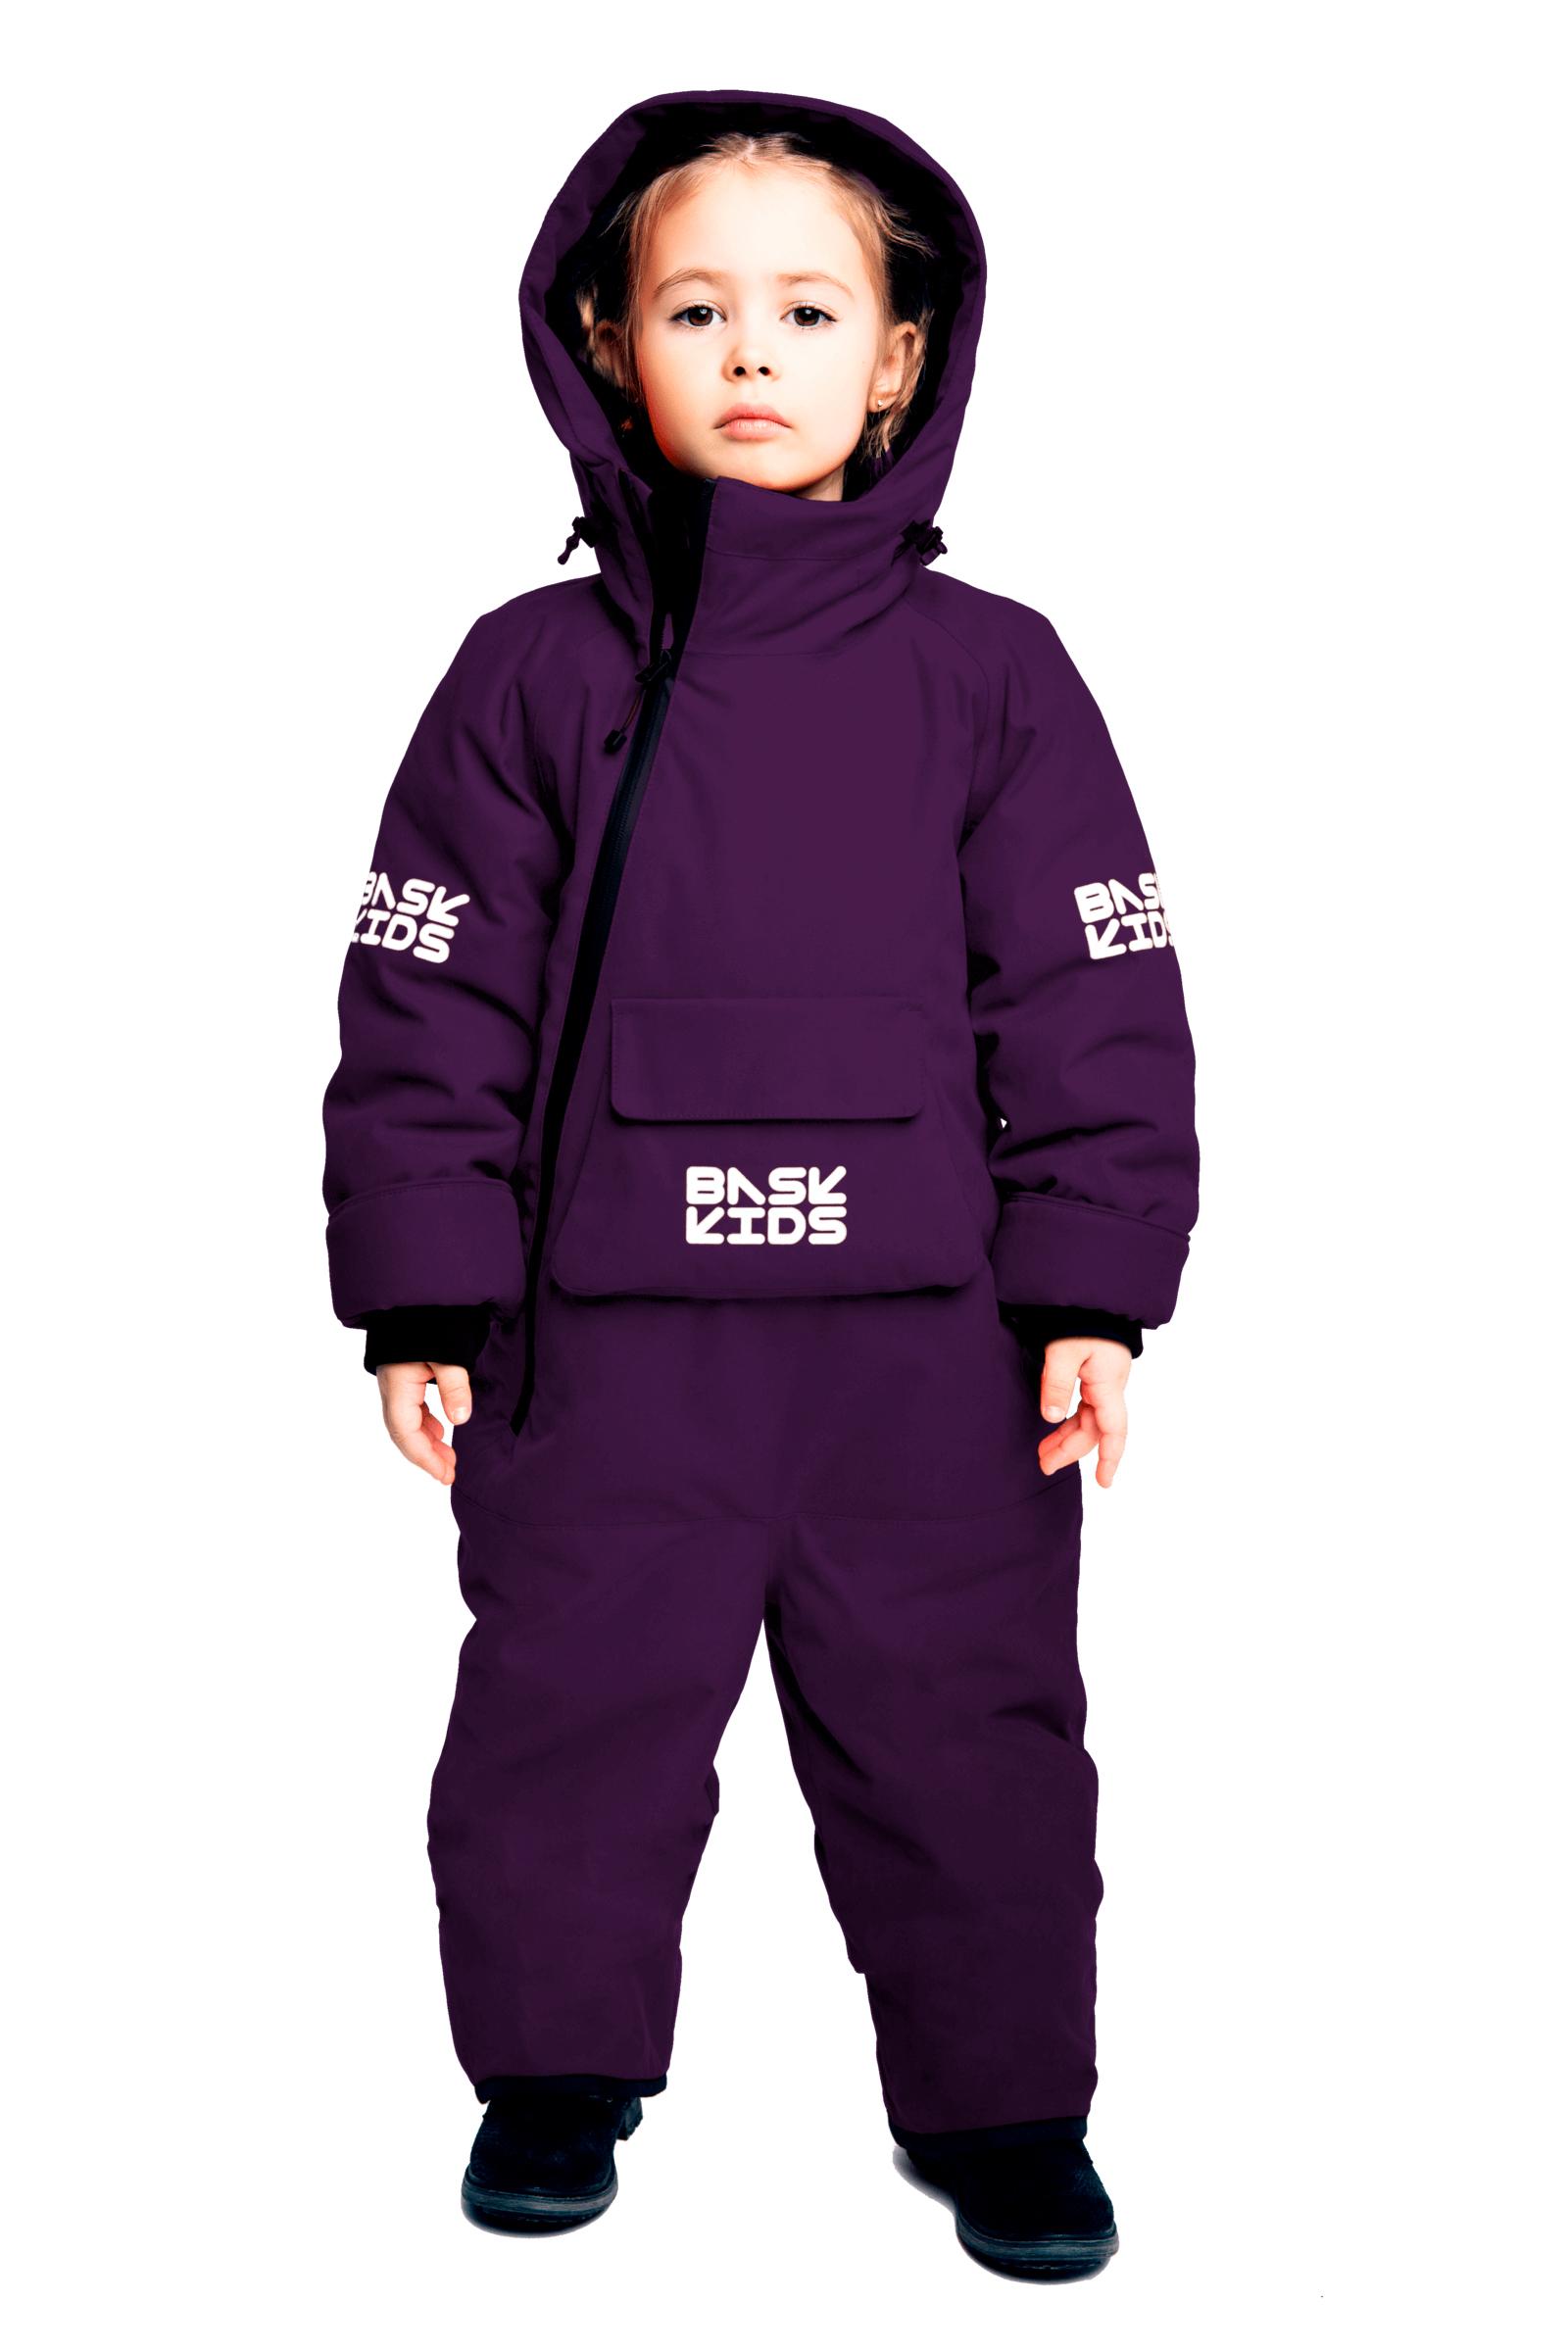 Купить Комбинезон утепленный BASK kids SPACE фиолетовый, Компания БАСК